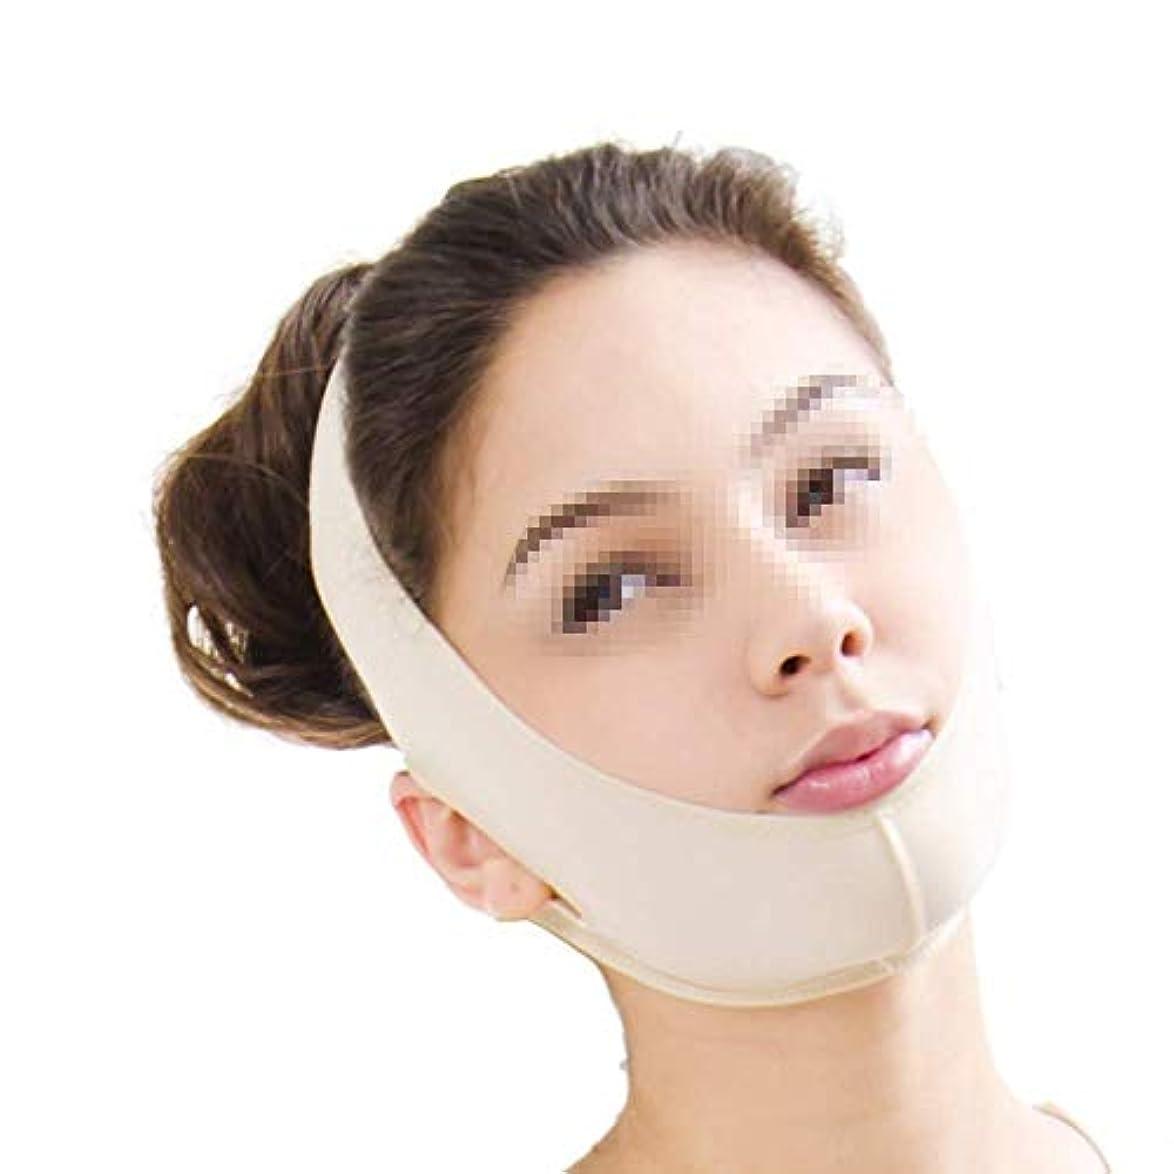 練習した胴体青フェイスリフトマスク、顎顔面ダブルチン化粧品脂肪吸引後圧縮小顔包帯弾性ヘッドギア(サイズ:S)